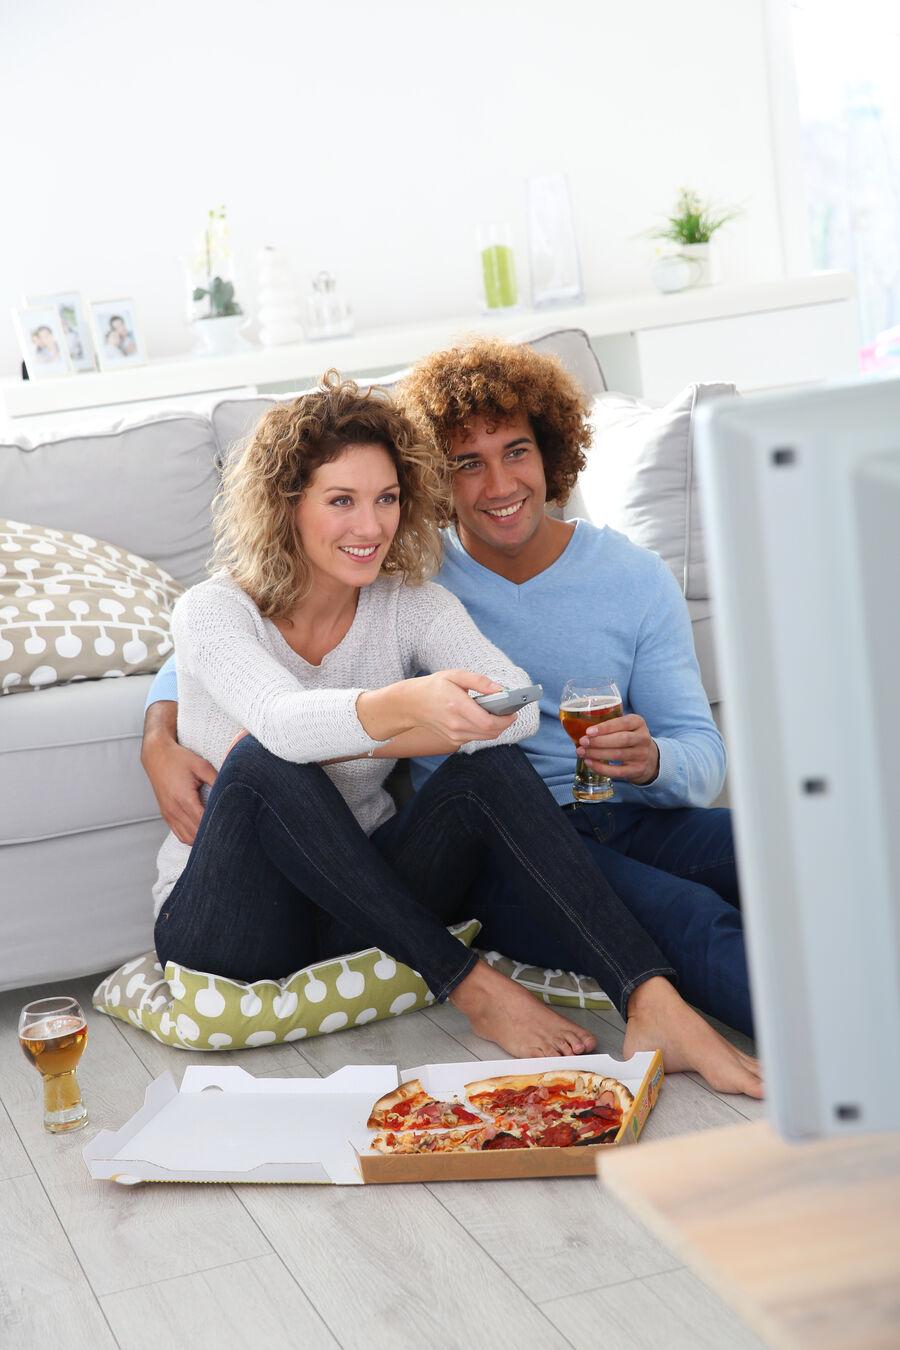 Par sidder og ser TV